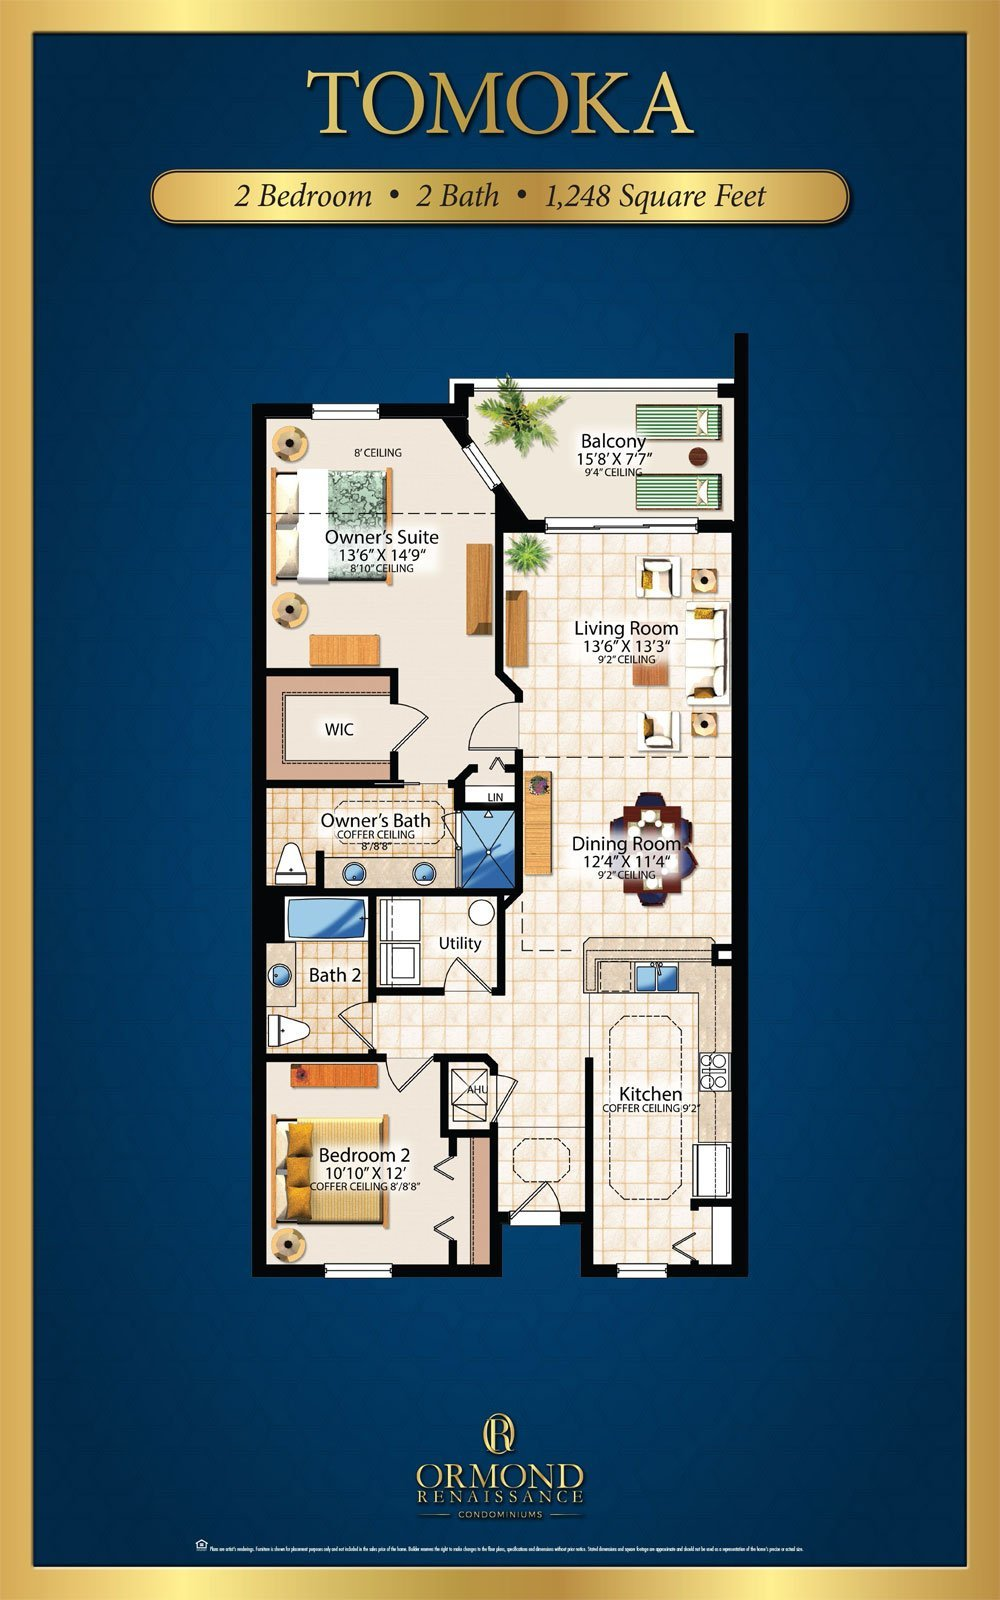 Tomoka Floor Plan